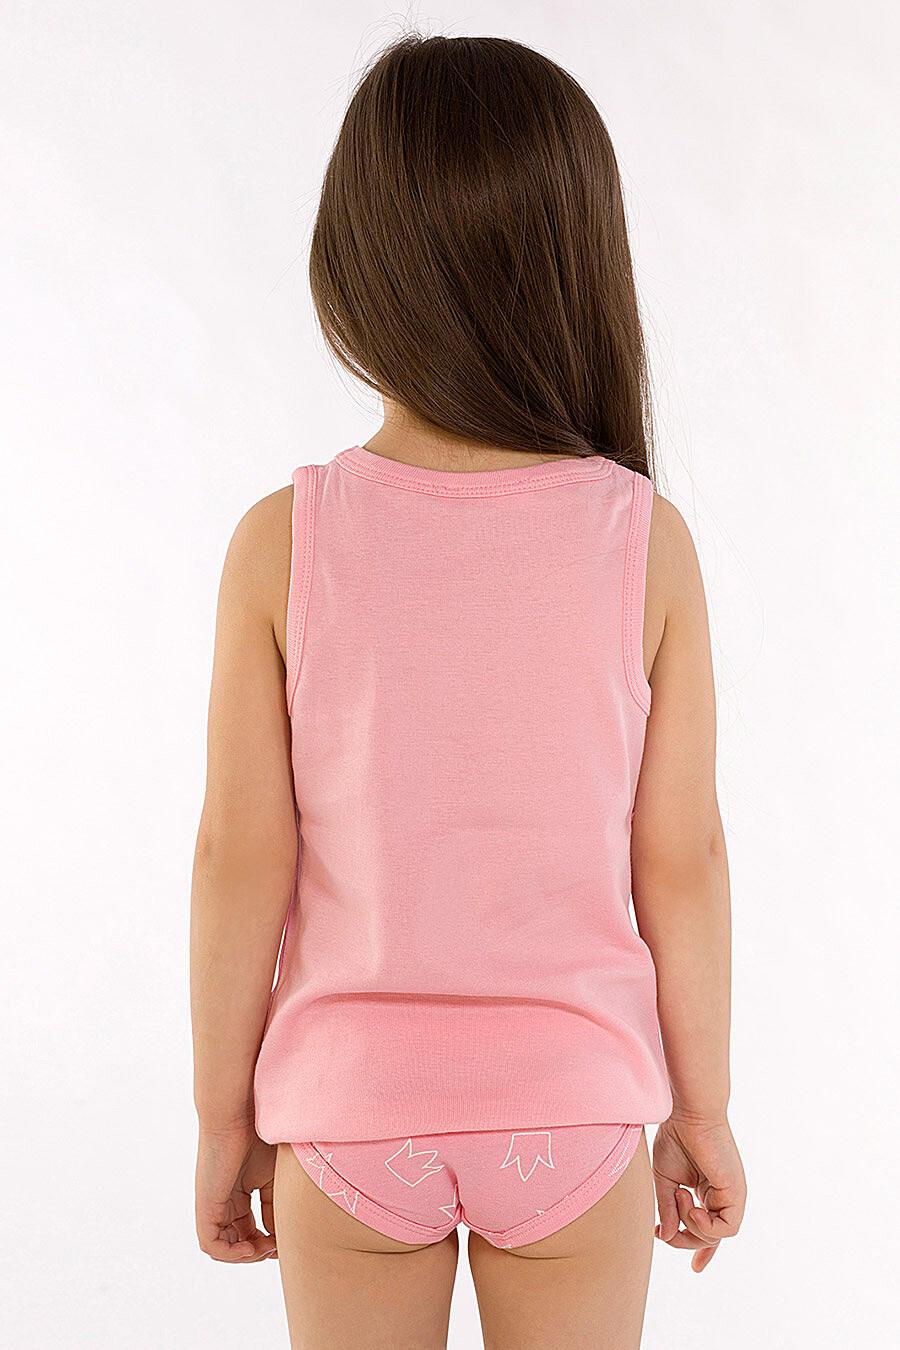 Майка для девочек ROXY FOXY 707291 купить оптом от производителя. Совместная покупка детской одежды в OptMoyo